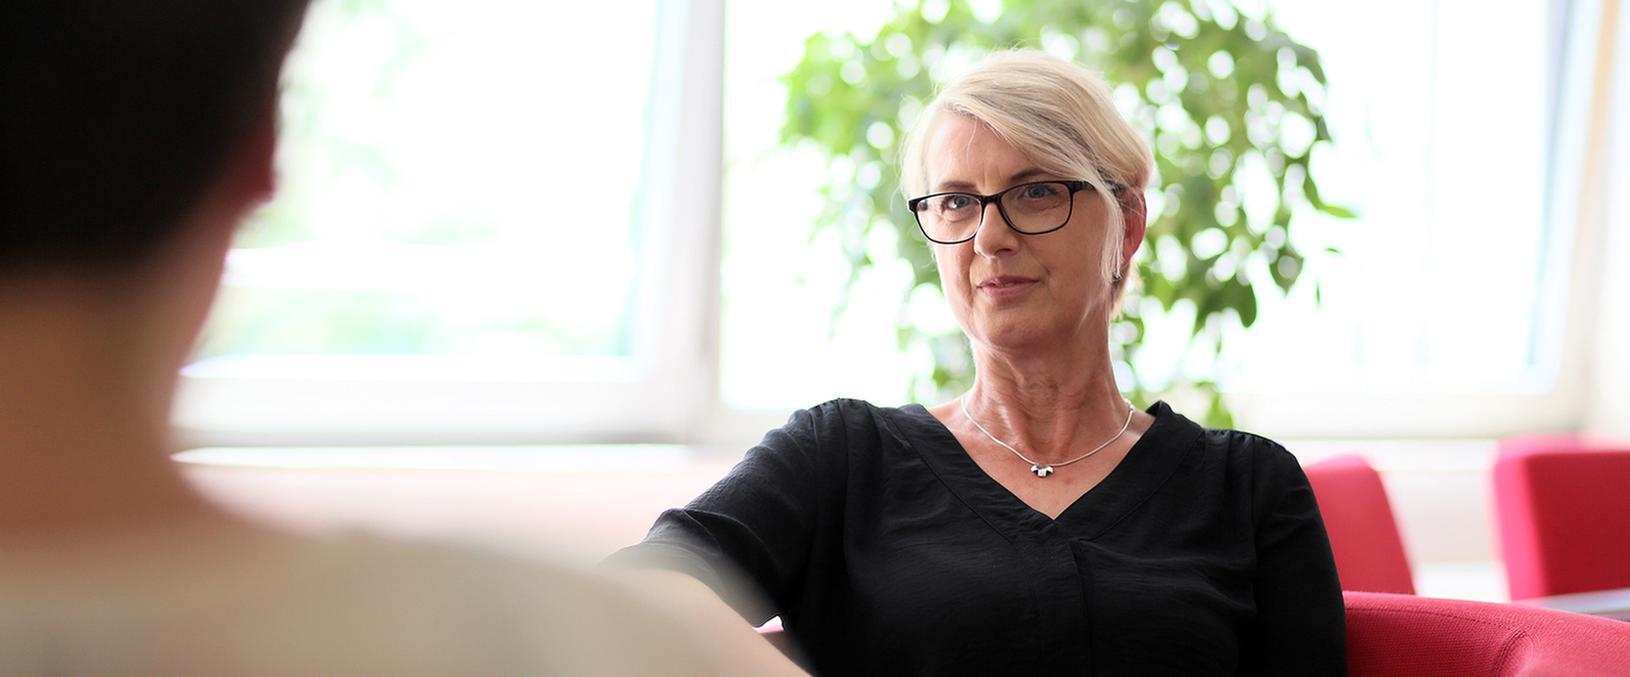 Patientin spricht mit einem Arzt im MEDIAN Zentrum für Verhaltensmedizin Bad Pyrmont Klinik für Psychosomatik